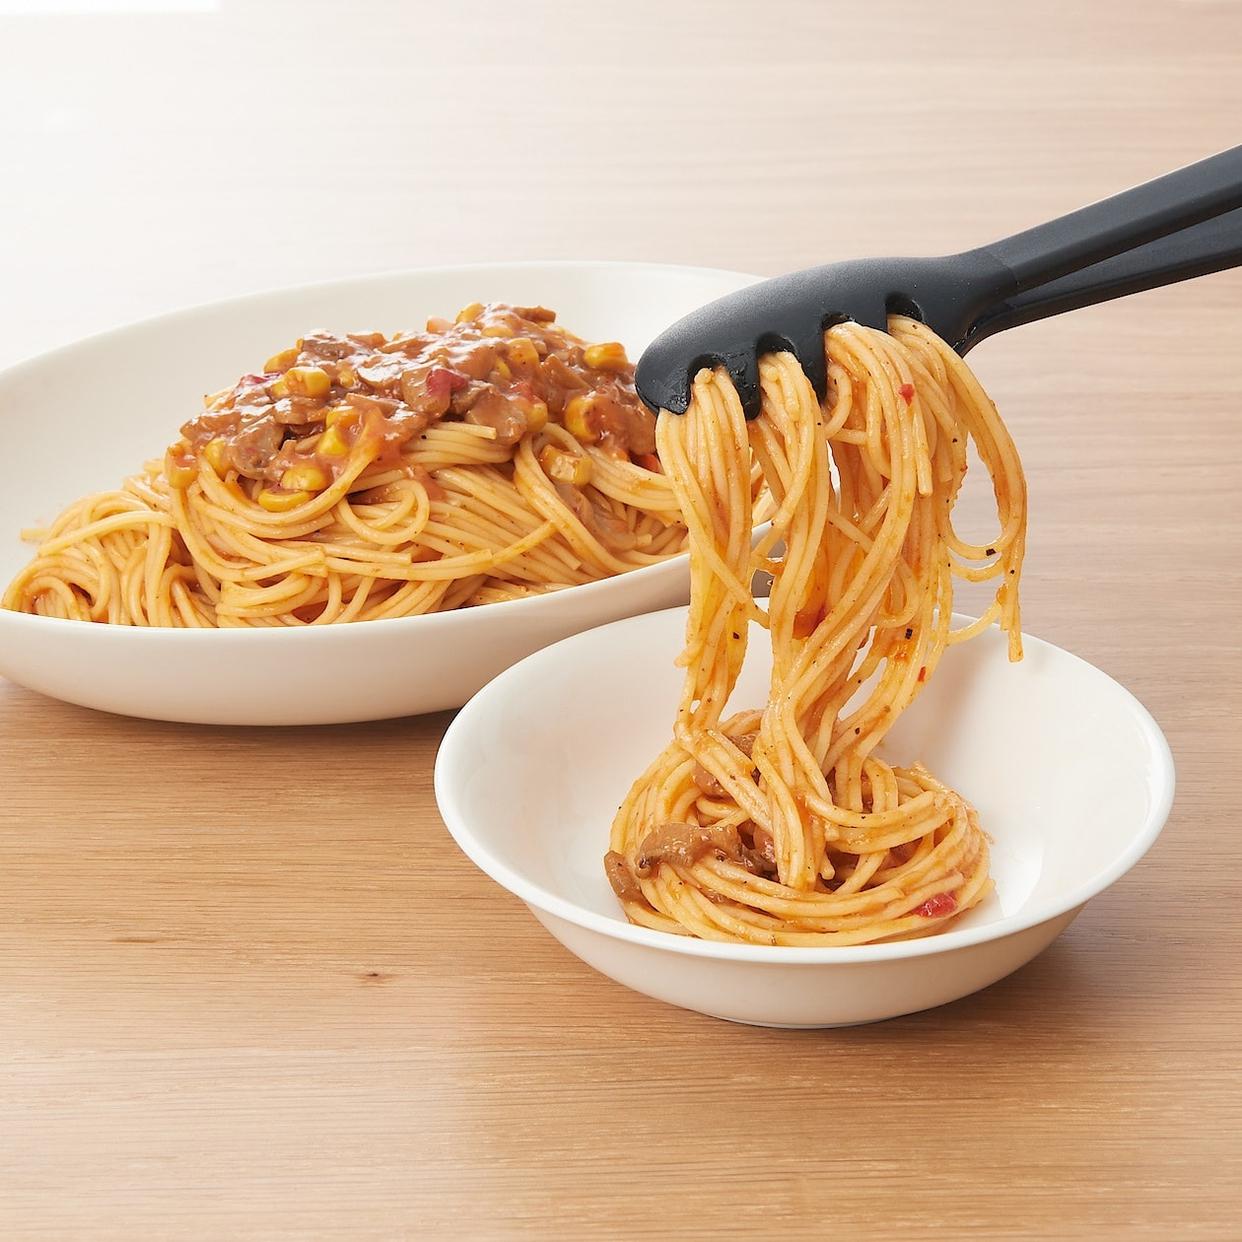 無印良品(MUJI) シリコーン調理用トングの商品画像5